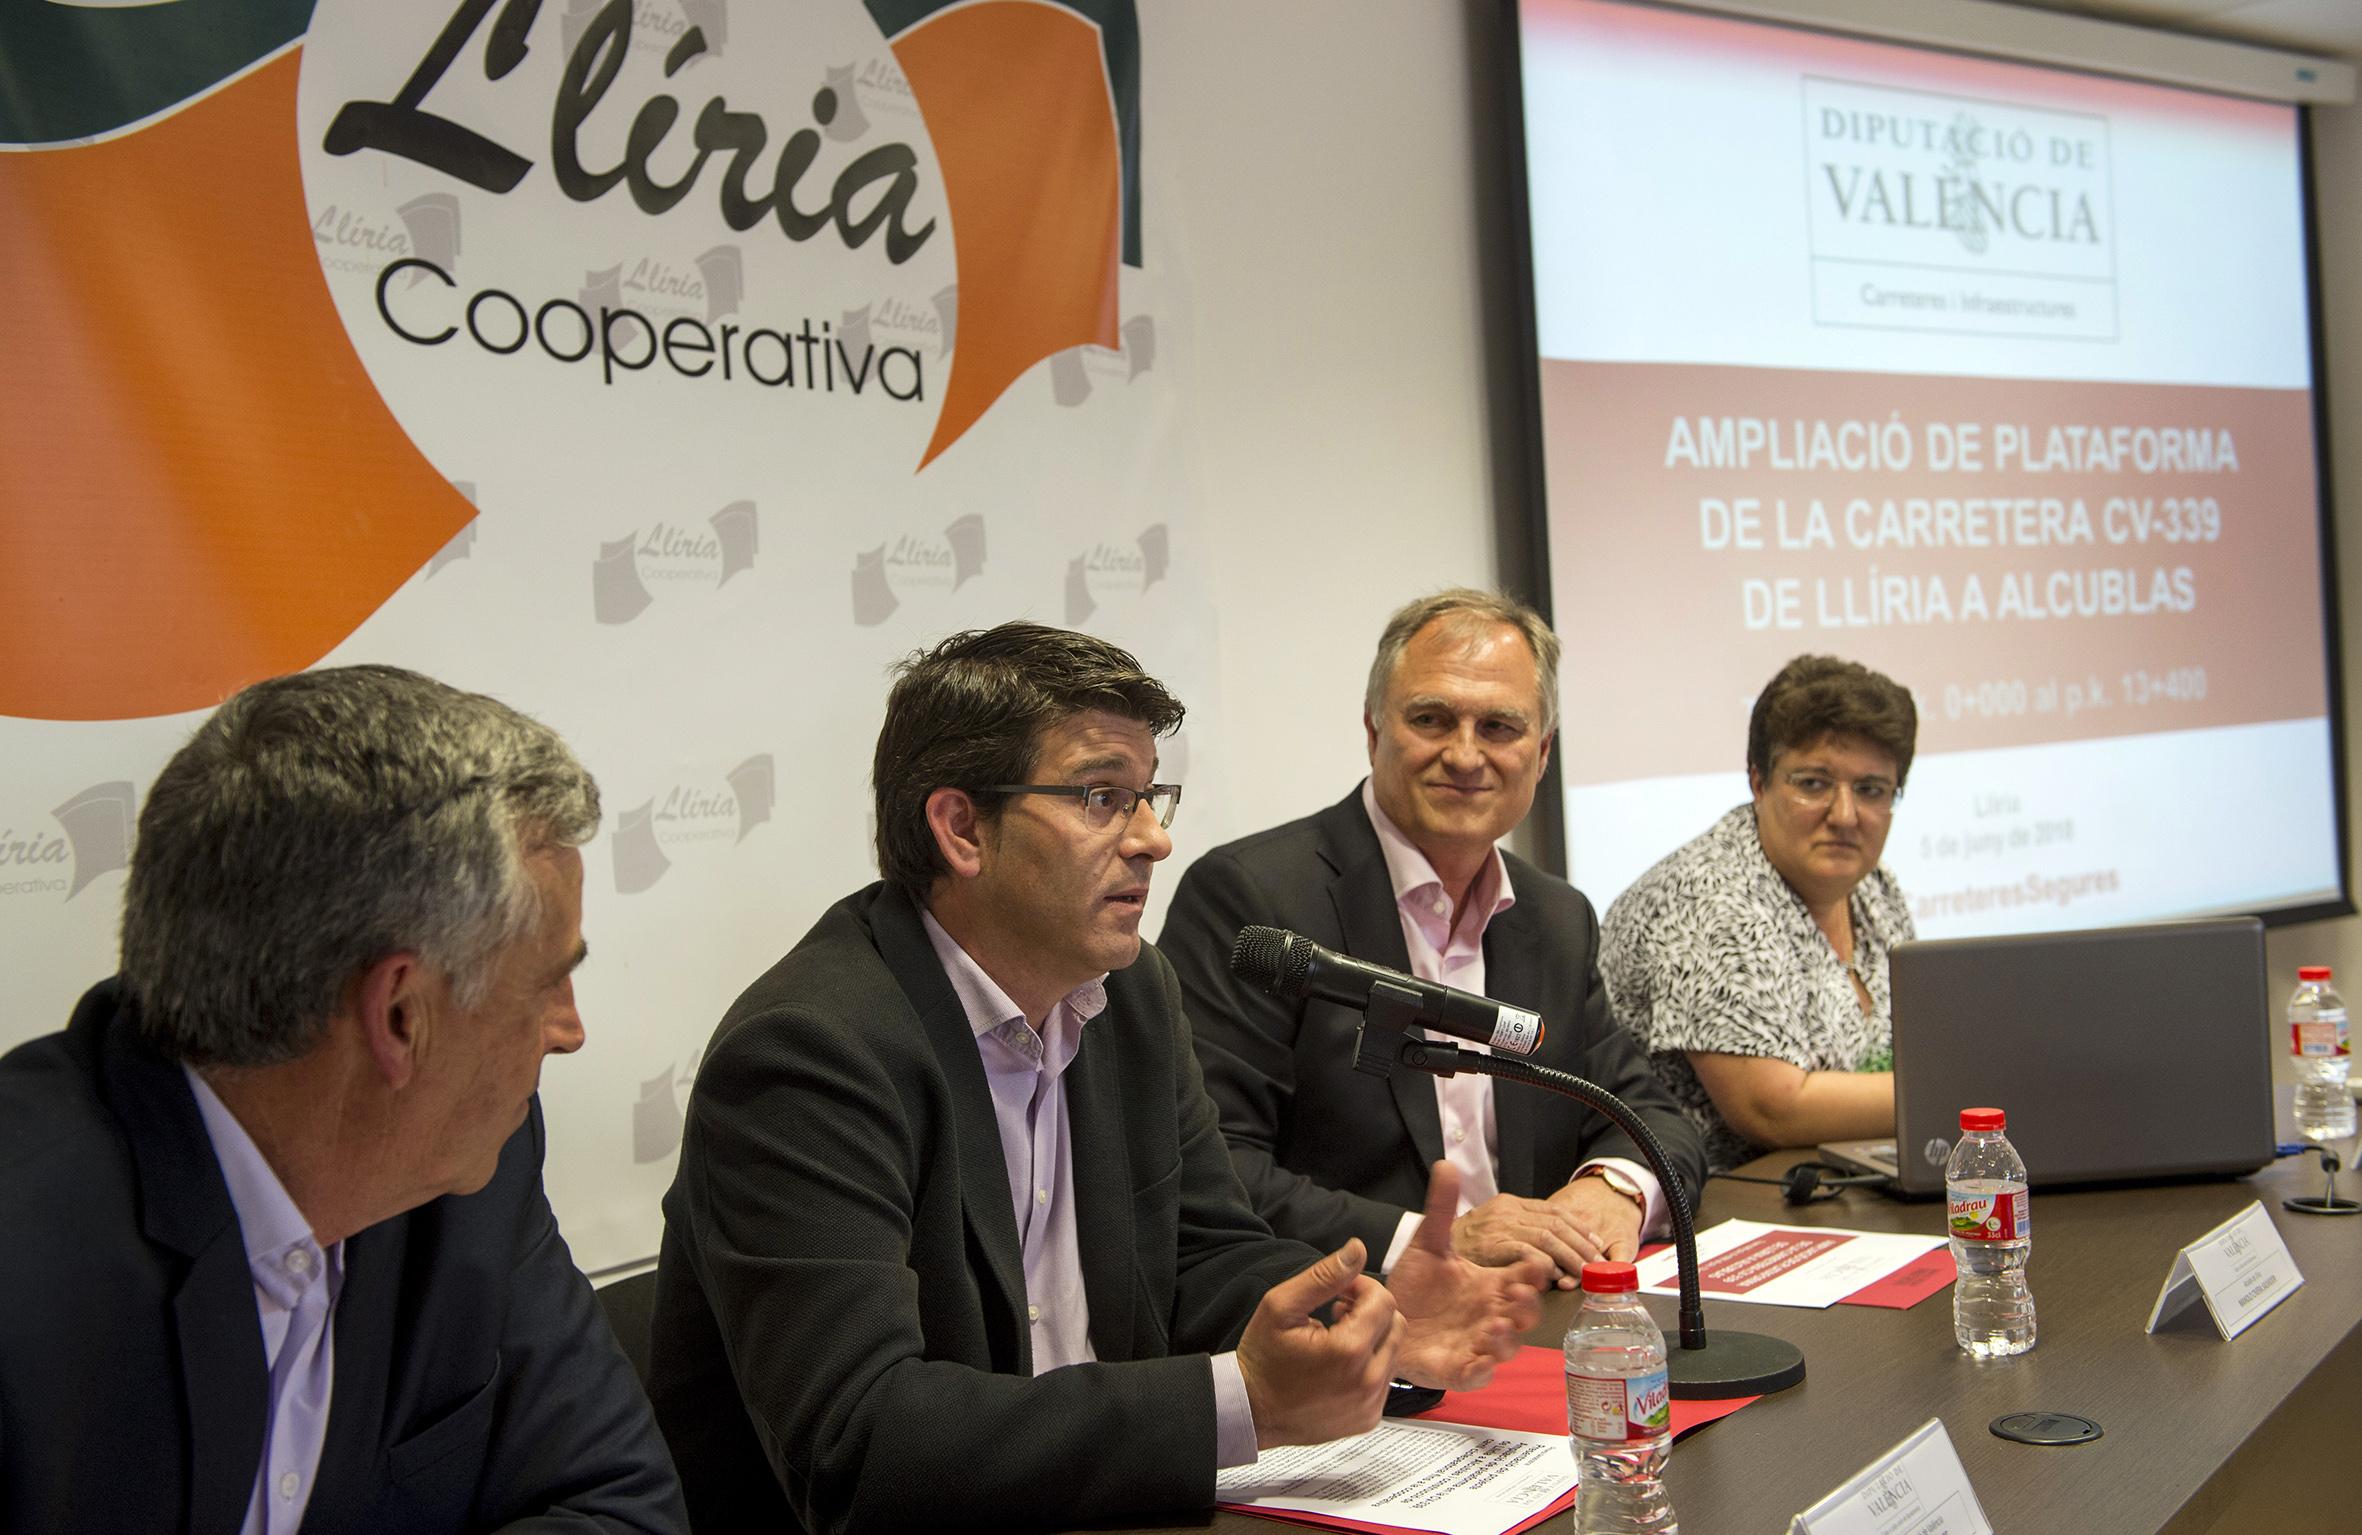 La Diputació prevé iniciar las obras de renovación de la carretera entre Llíria y Alcublas en 2019.